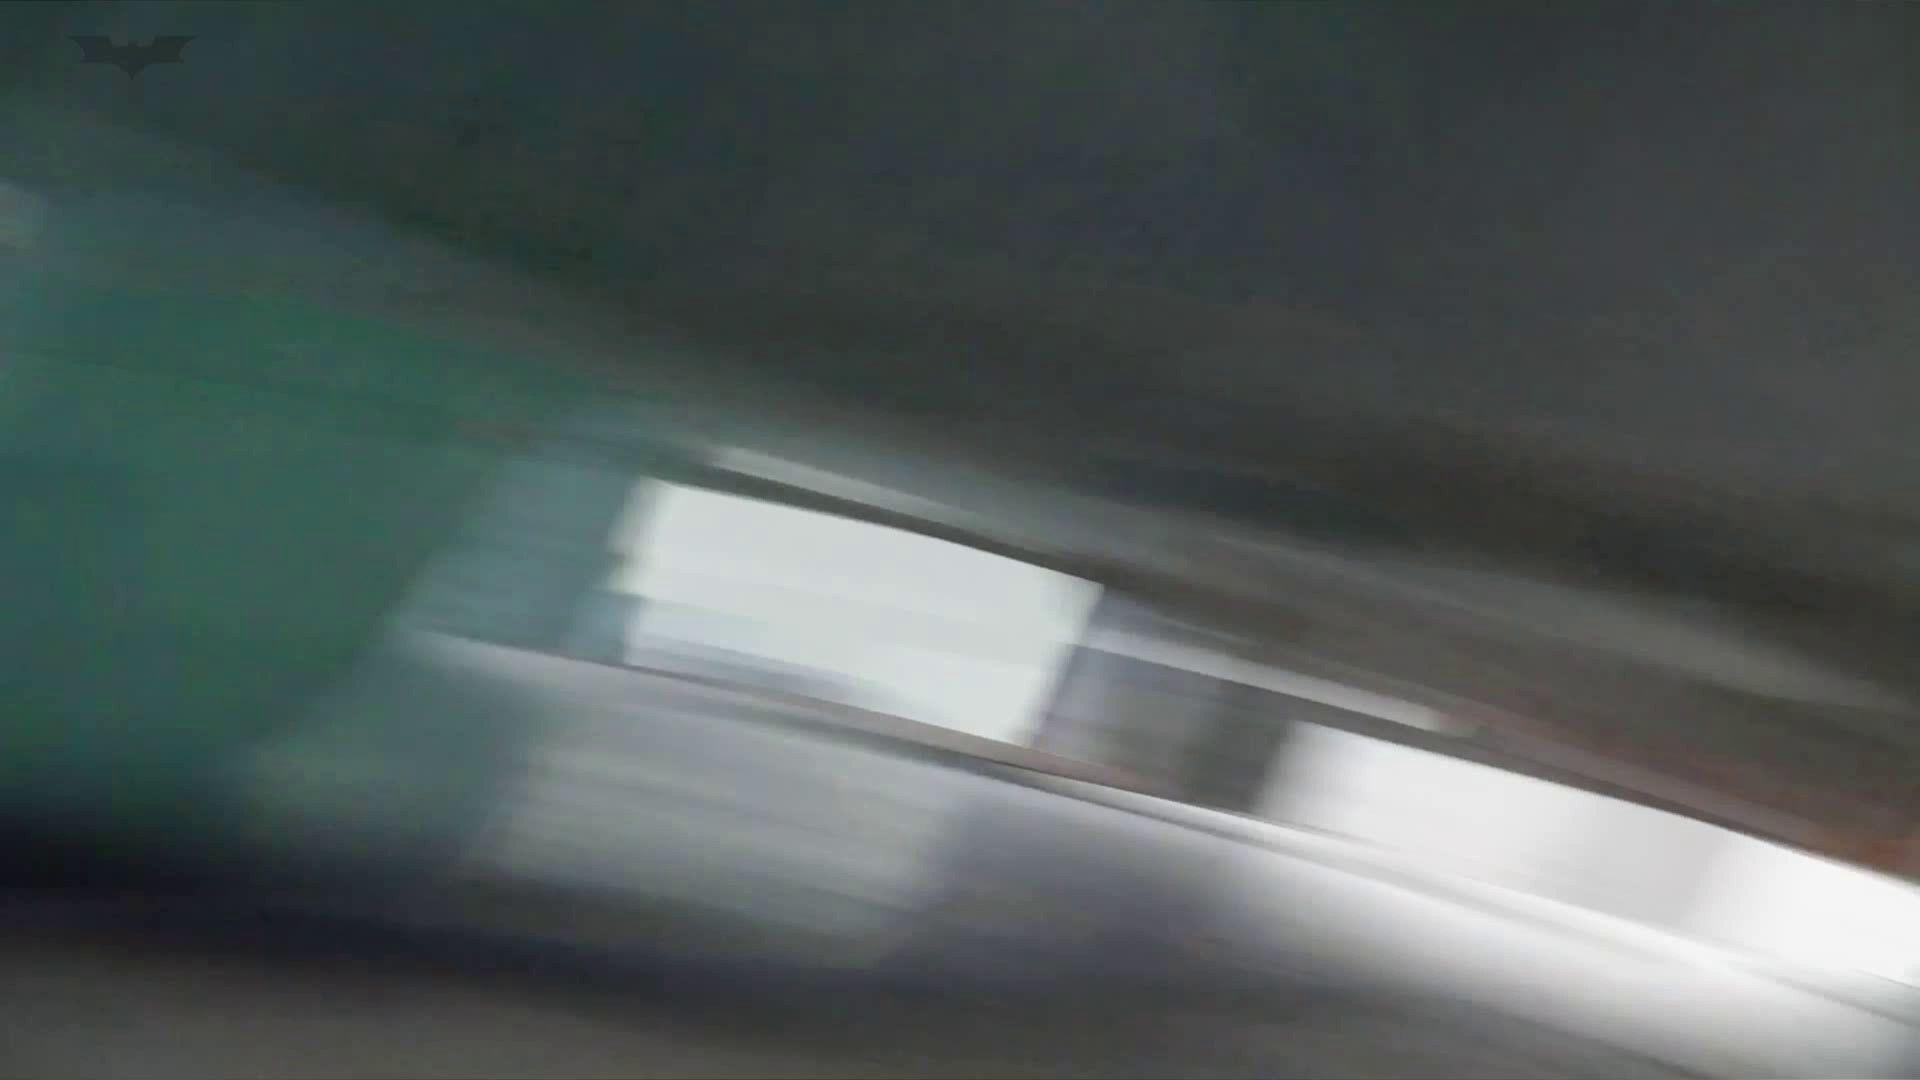 なんだこれVol.12 美魔女登場、 HD万歳!! 違いが判る映像美!! ギャル  53PIX 46